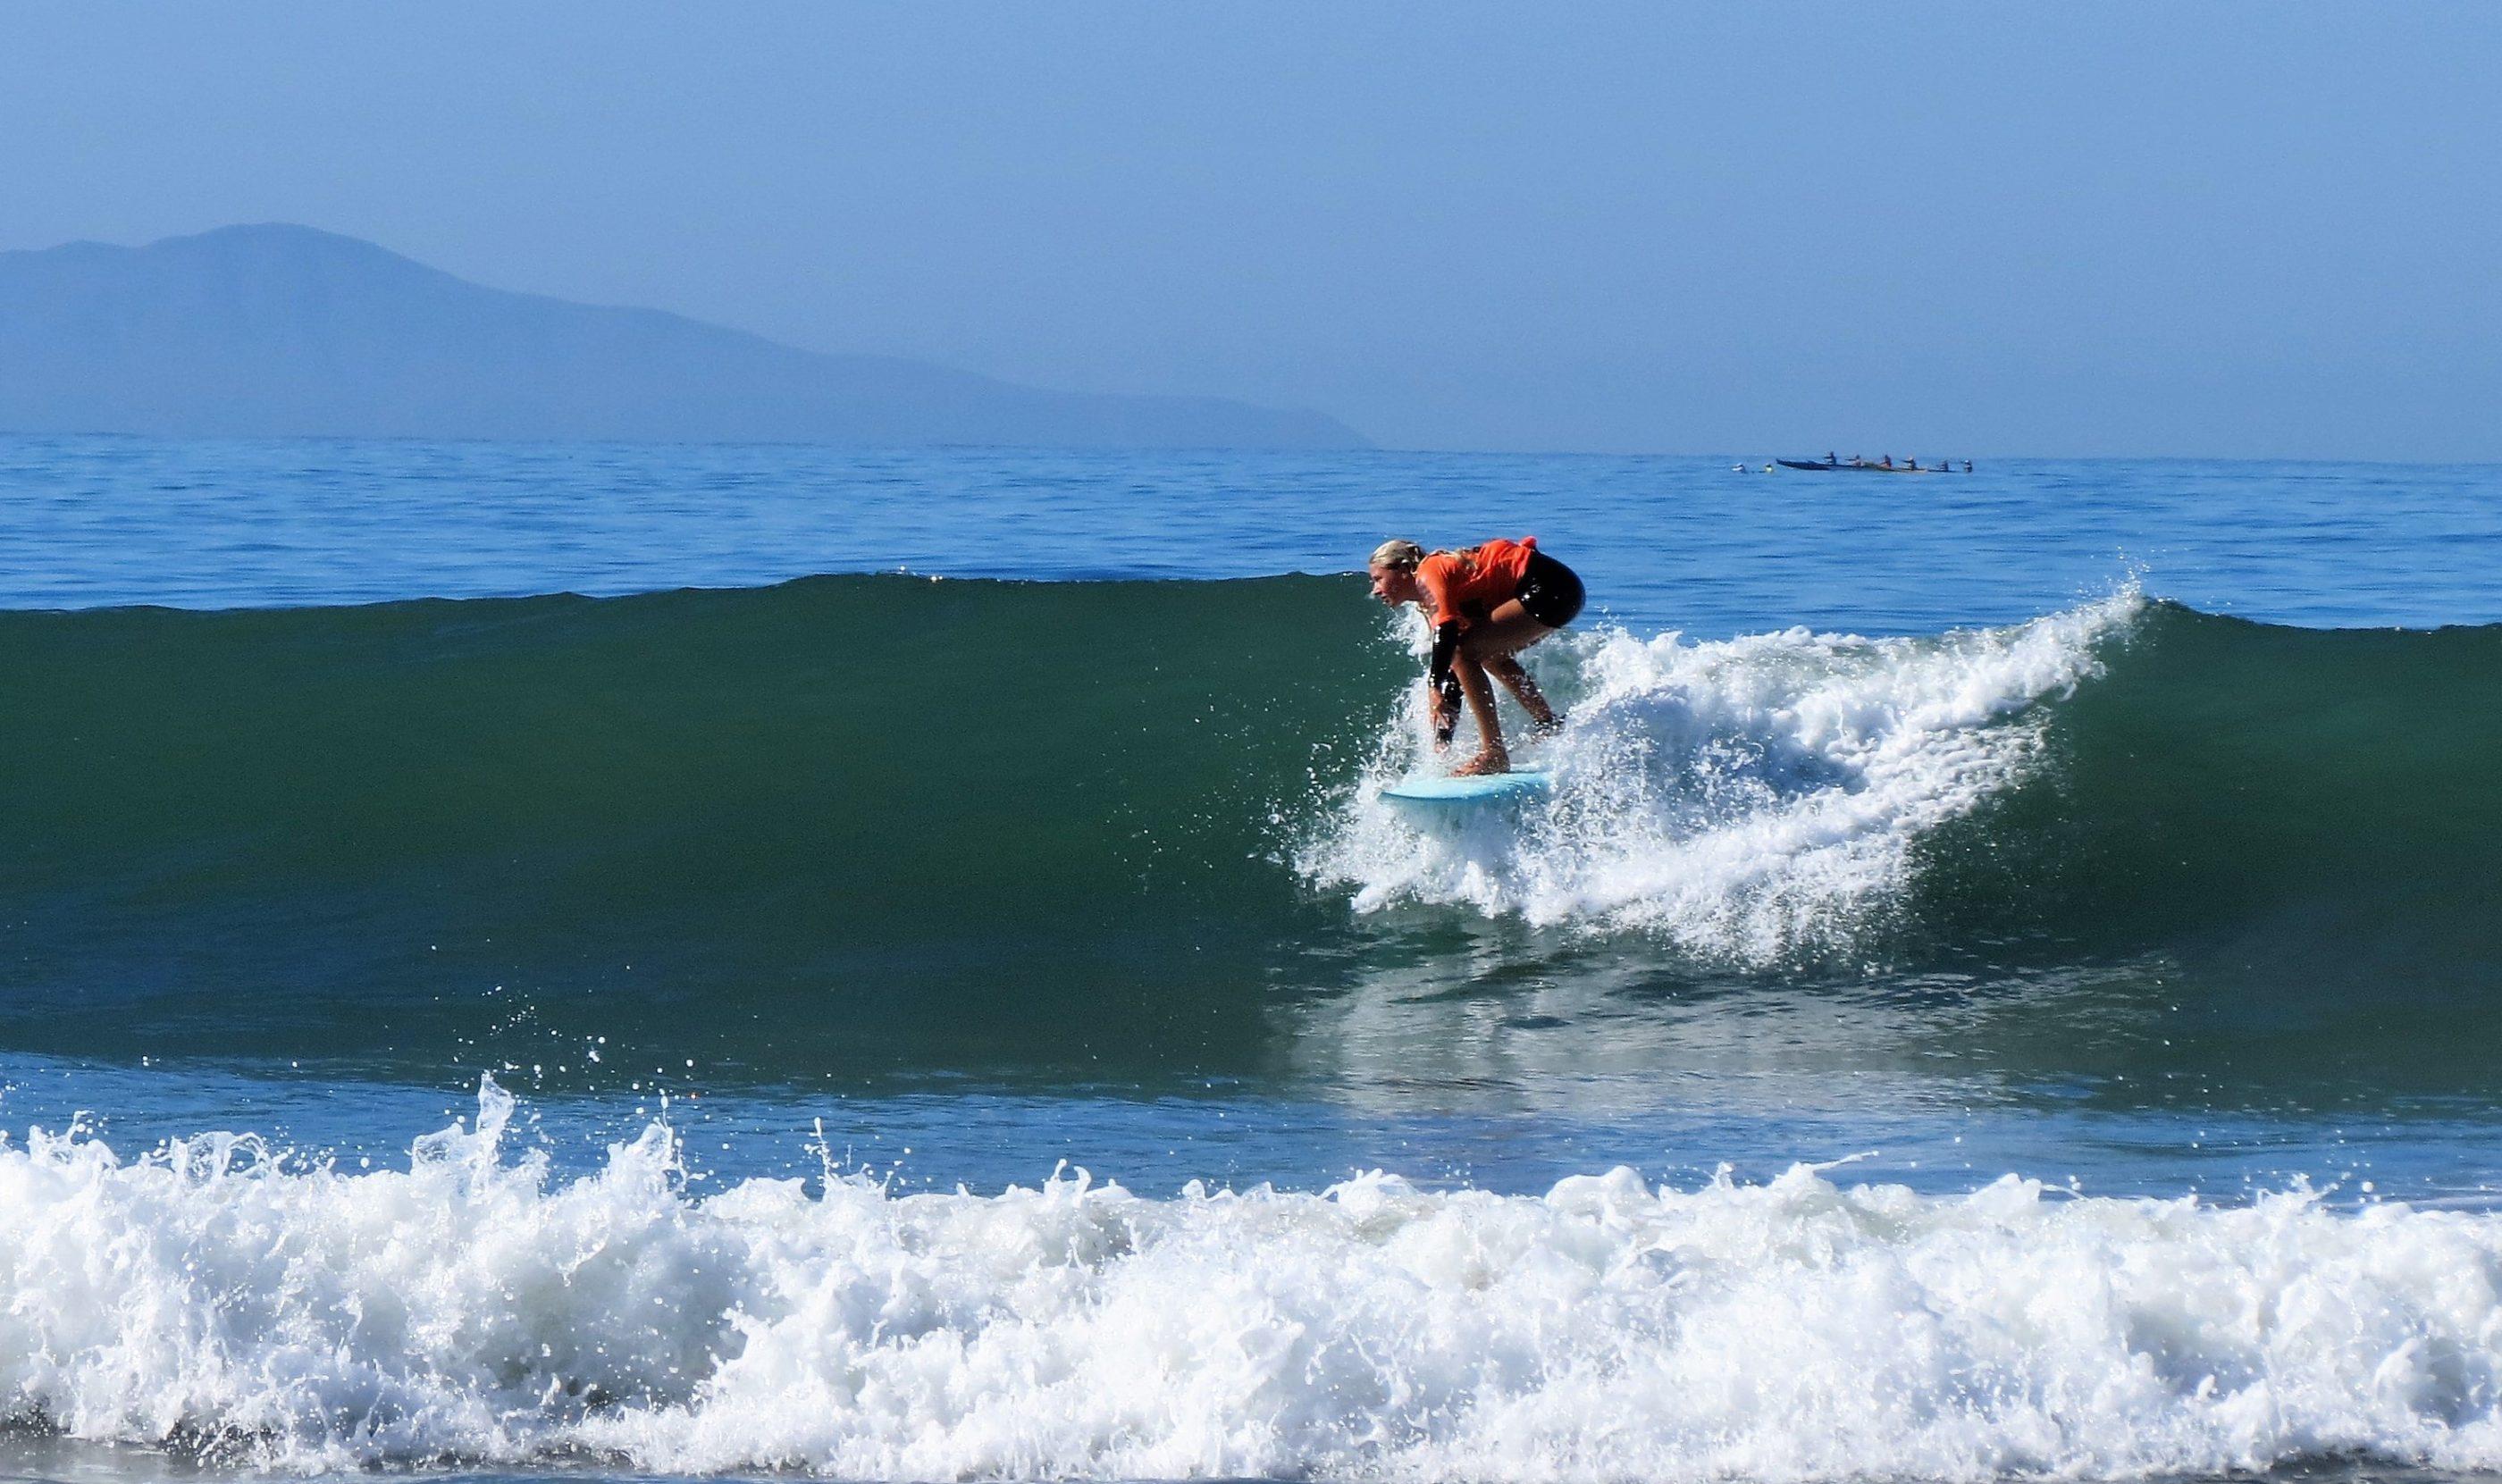 Surfer in action - Ventura, CA